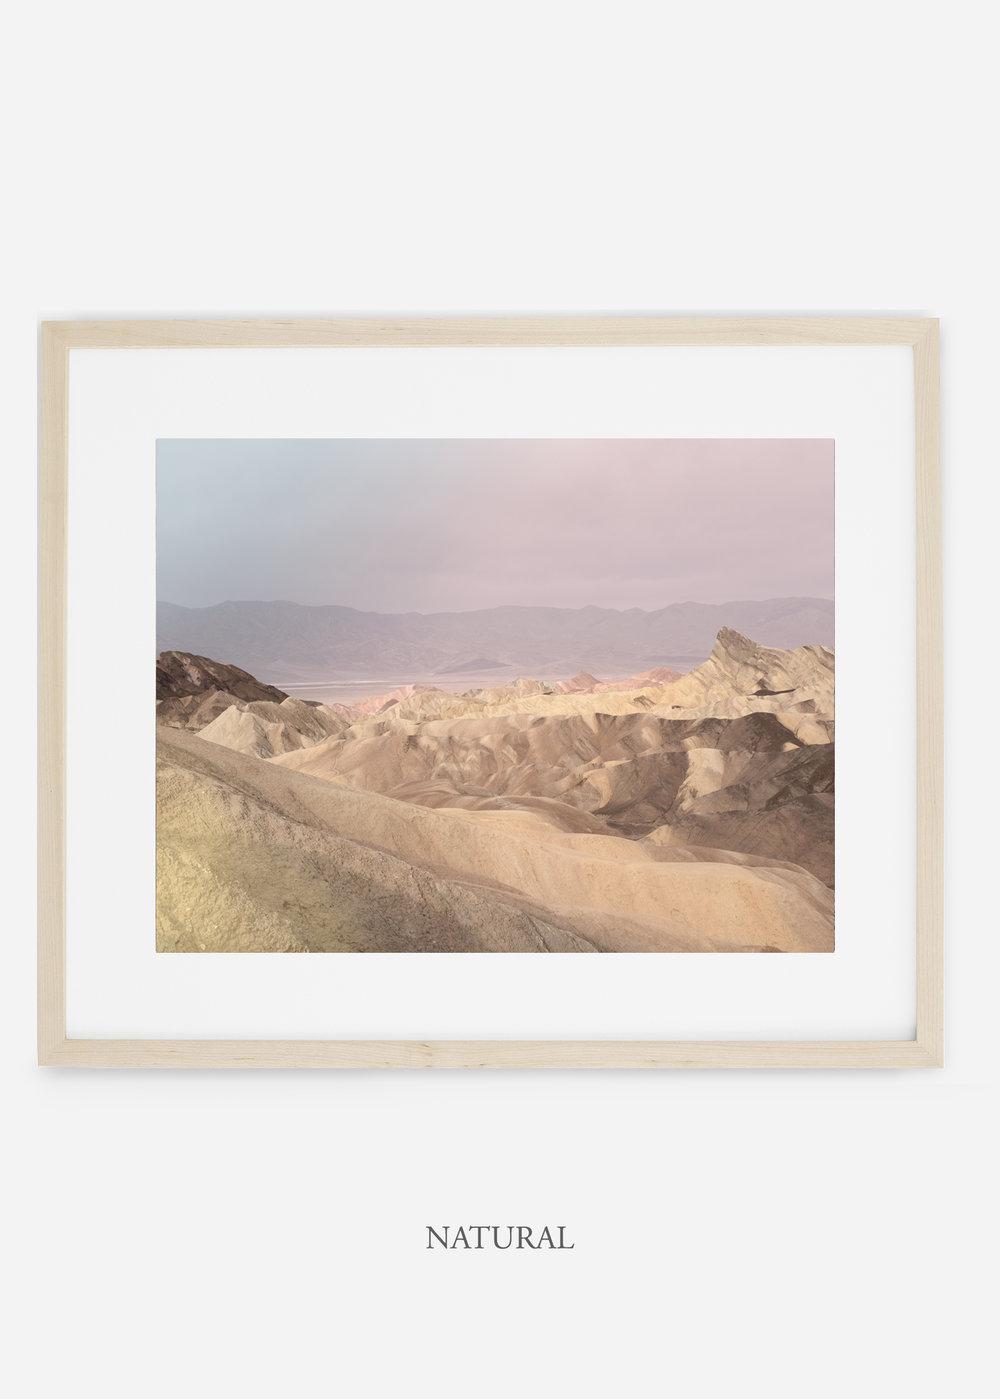 wildercalifornia_naturalframe_deathvalley_10_minimal_desert_art_interiordesign_blackandwhite.jpg